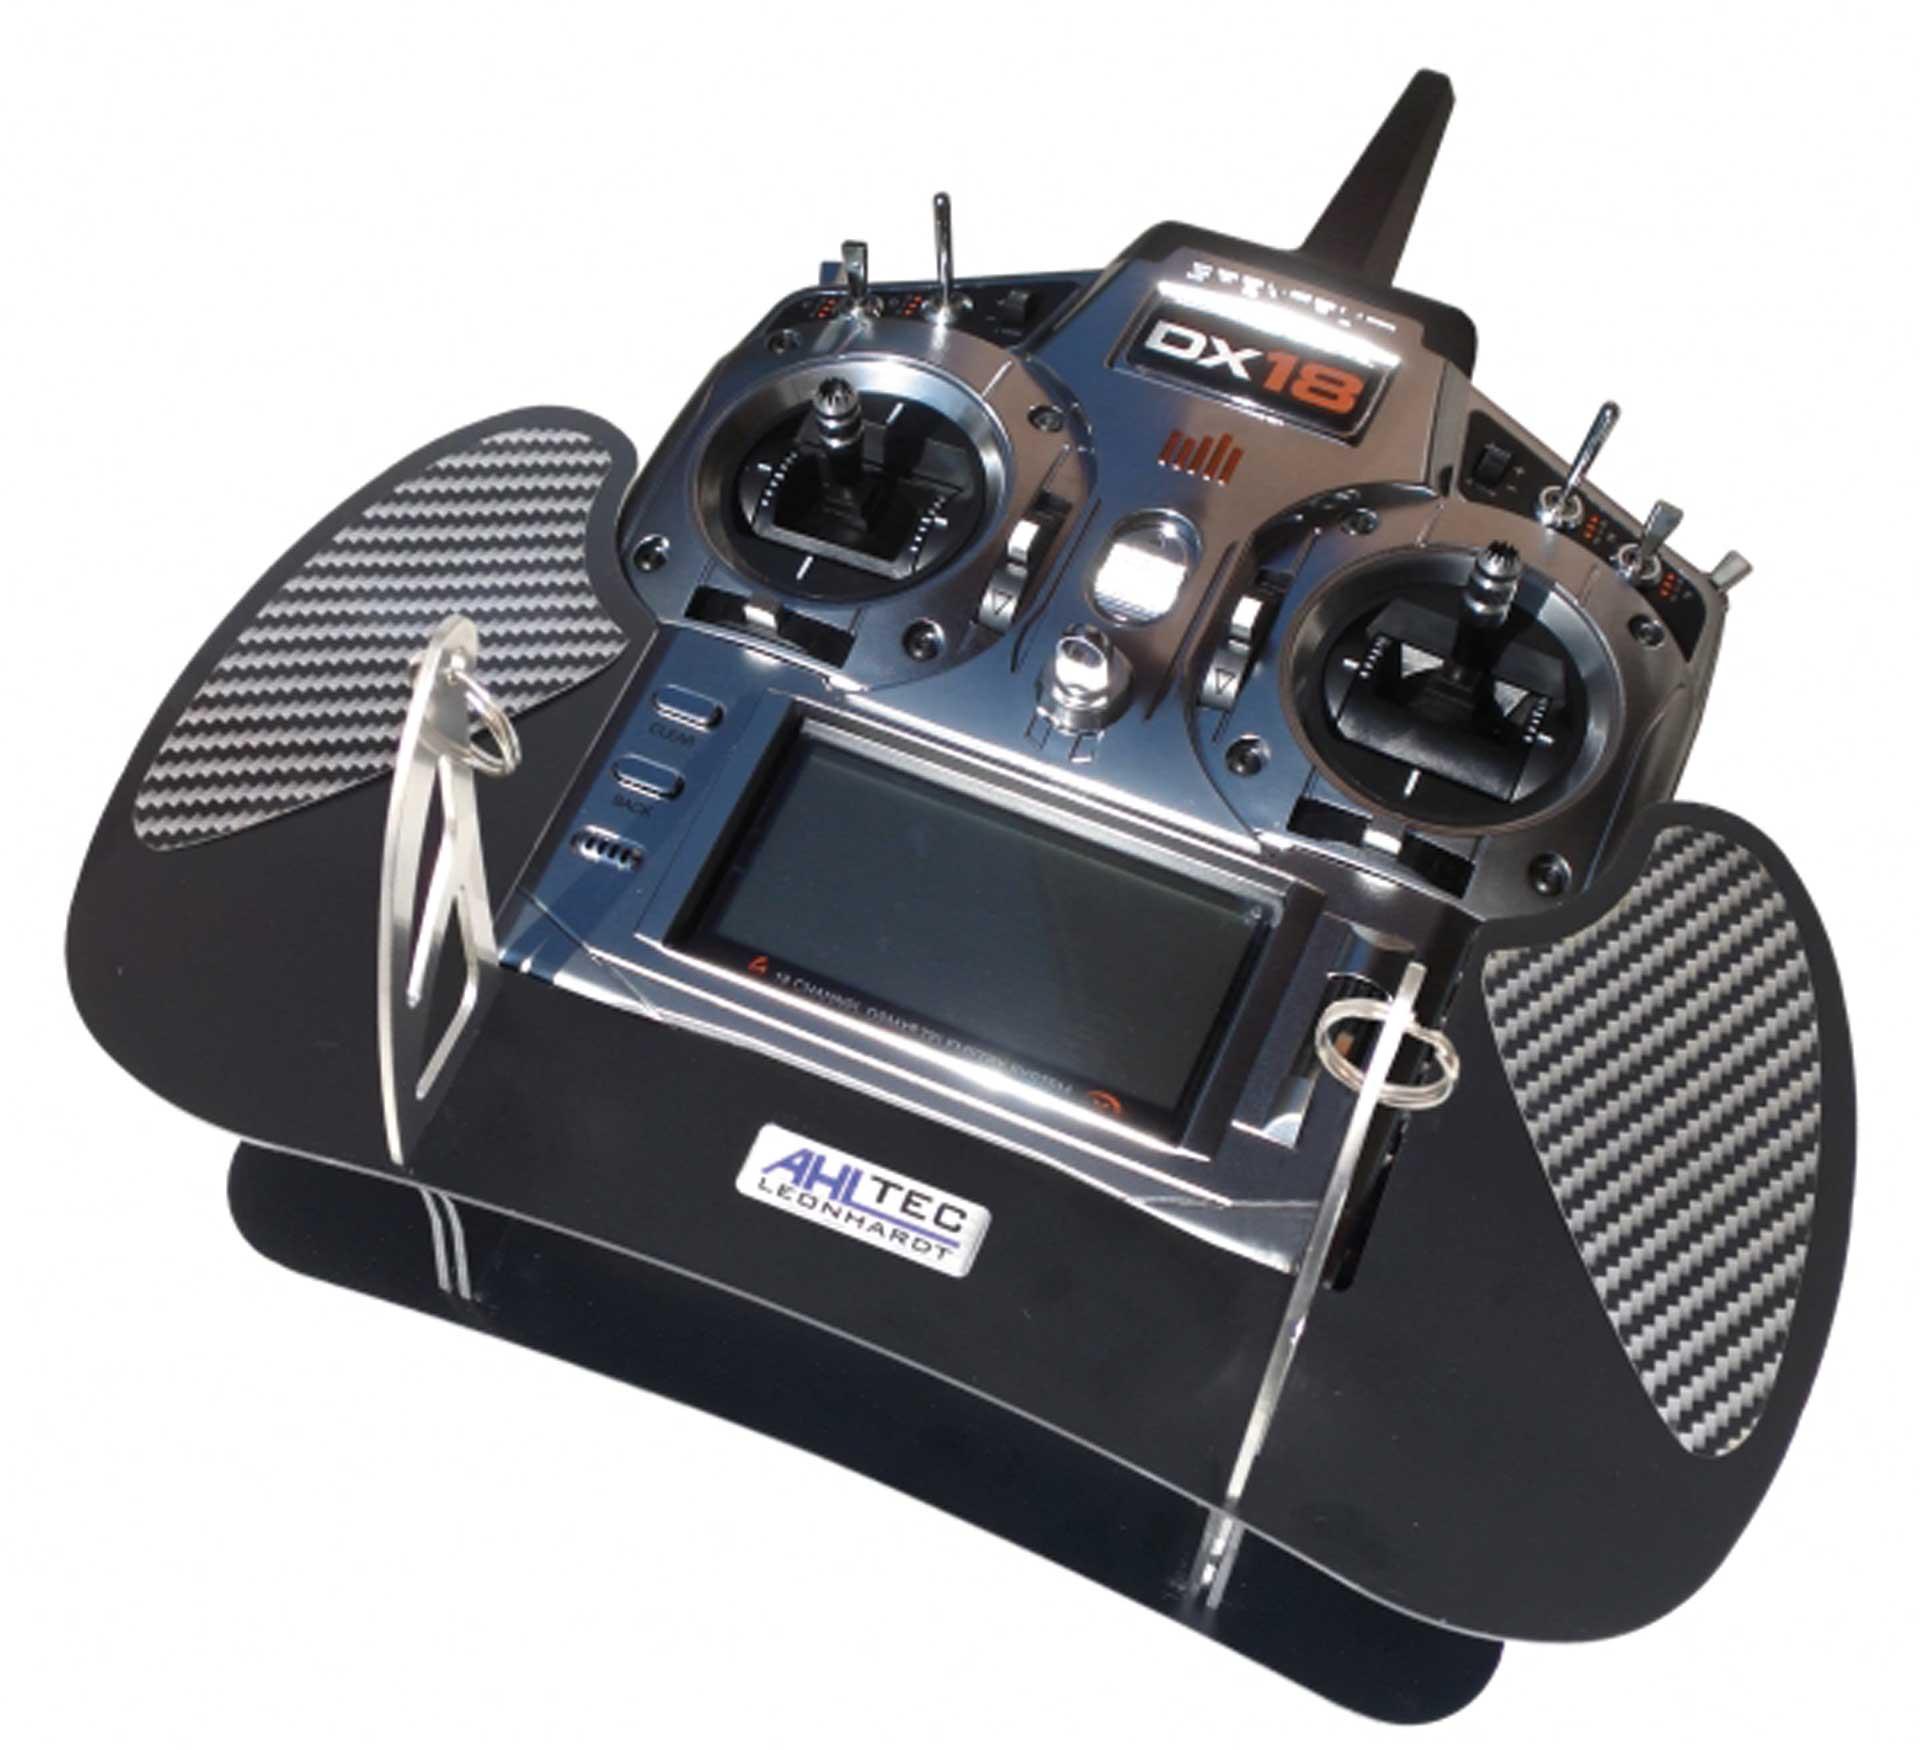 AHLTEC Senderpult Spektrum DX18 & DX18 QQ CARBON mit Standard Senderpultbügel, ohne Handauflagen